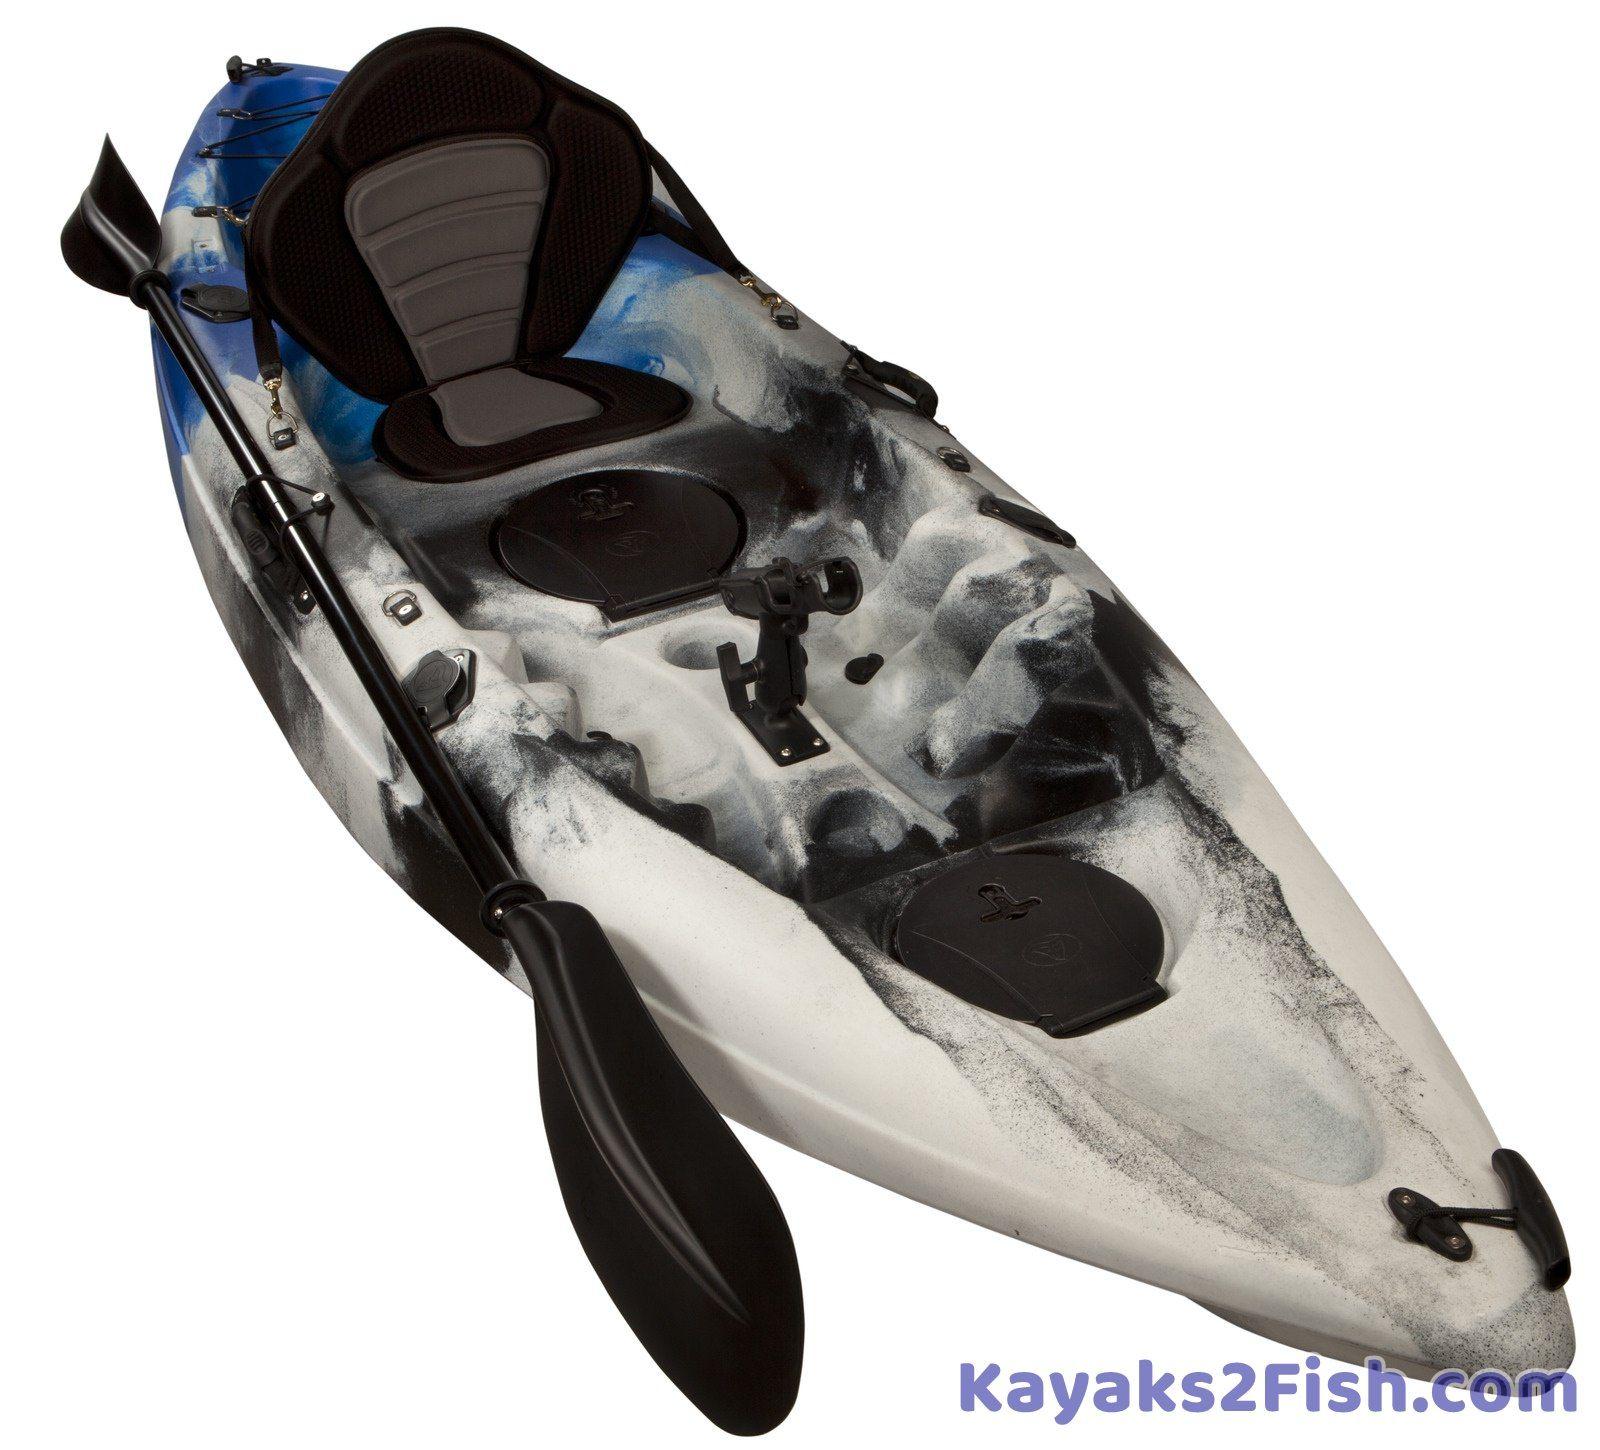 Blue Camo Fishing Kayak Fishing Kayak Kayak For Sale Sea Kayak